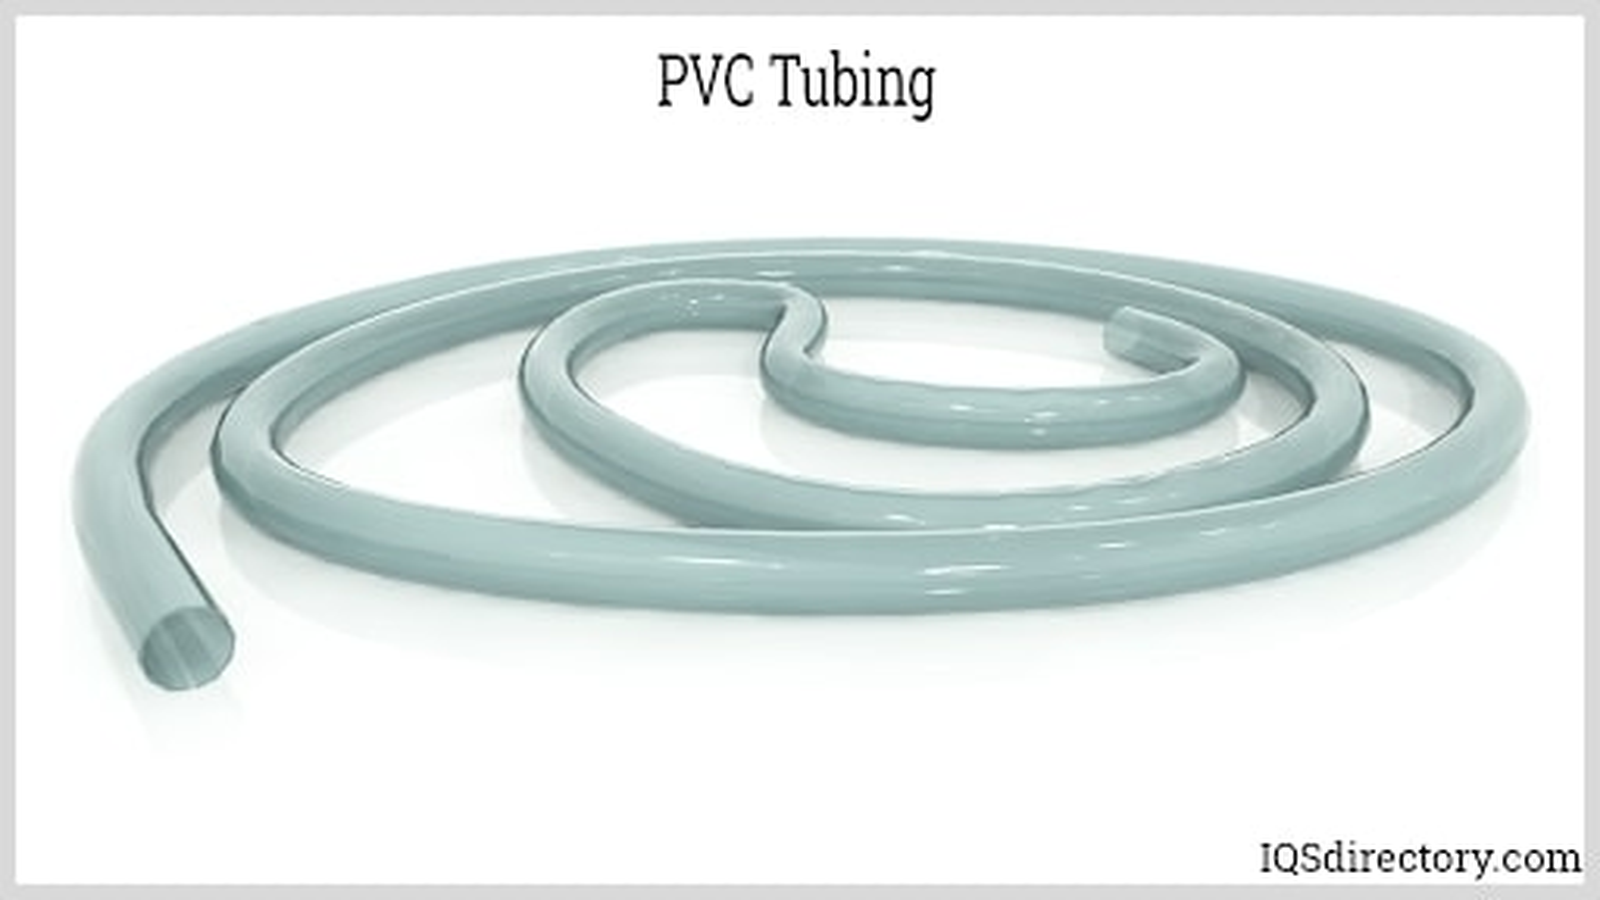 PVC Tubing